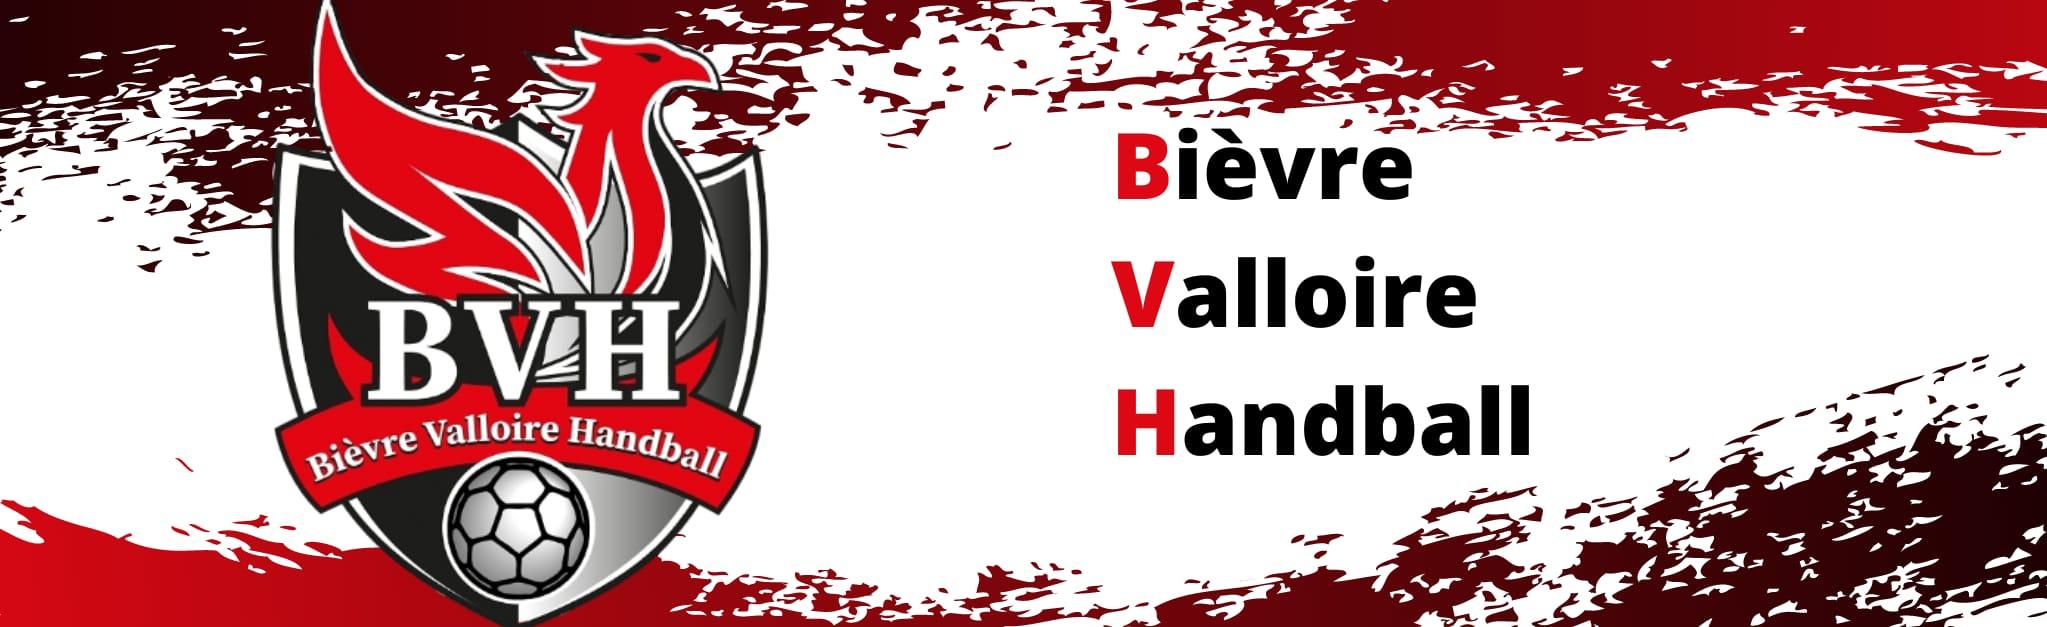 Hand Ball Club Sillans